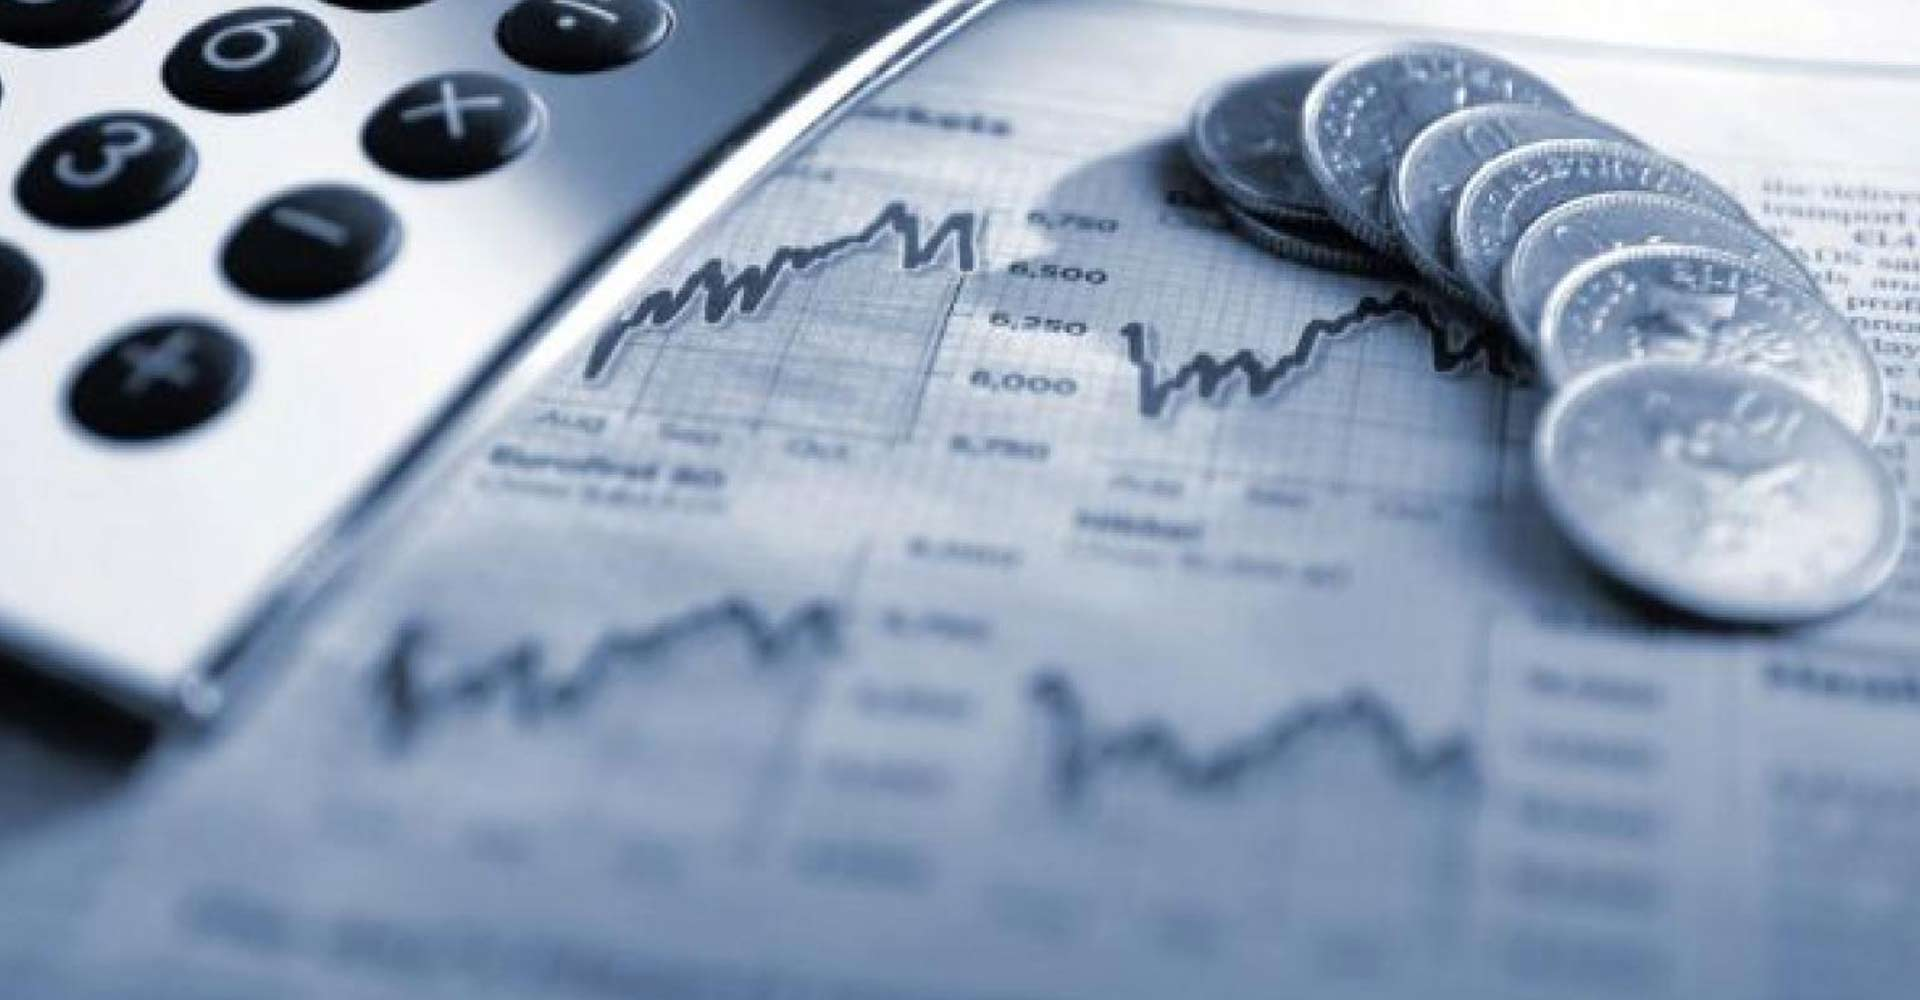 NRI Investment Advisory